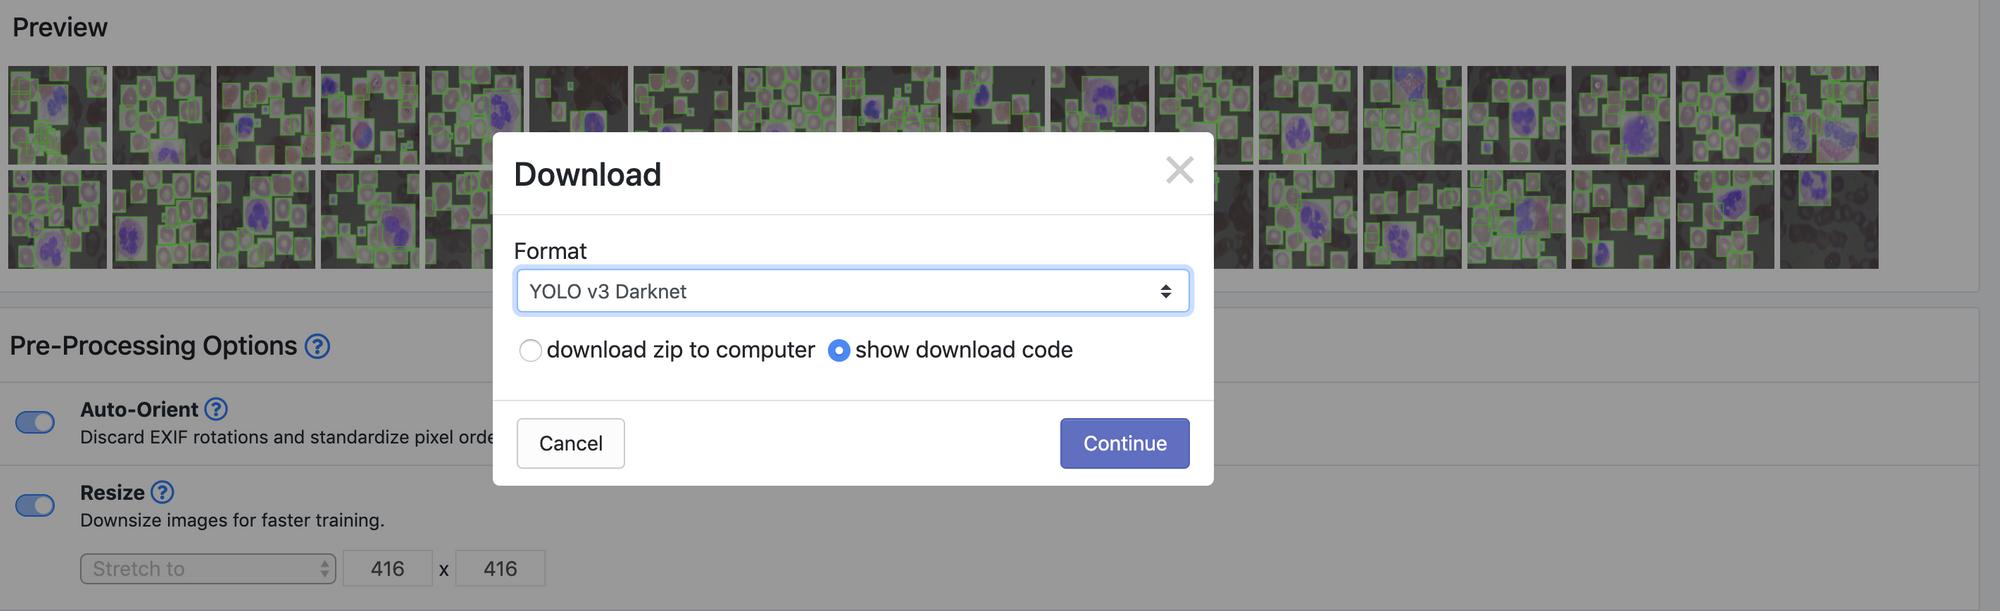 Roboflow Screenshot: YOLO v3 Darknet Download.